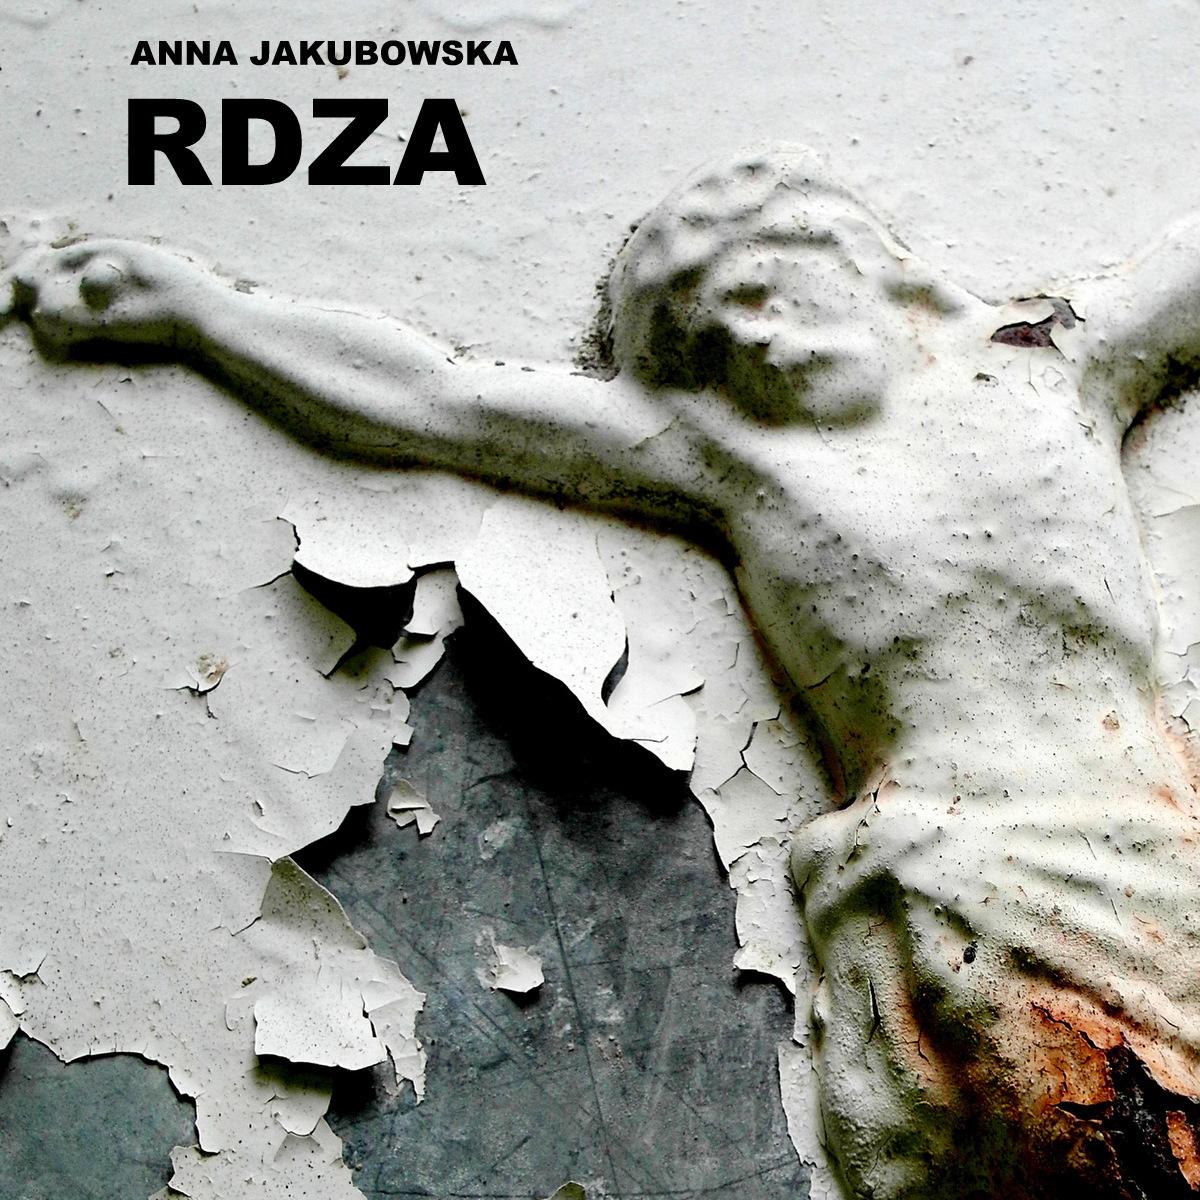 """Anna Jakubowska, """"Rdza"""", Ratusz Staromiejski w Gdańsku, plakat wystawy (źródło: materiały prasowe organizatora)"""